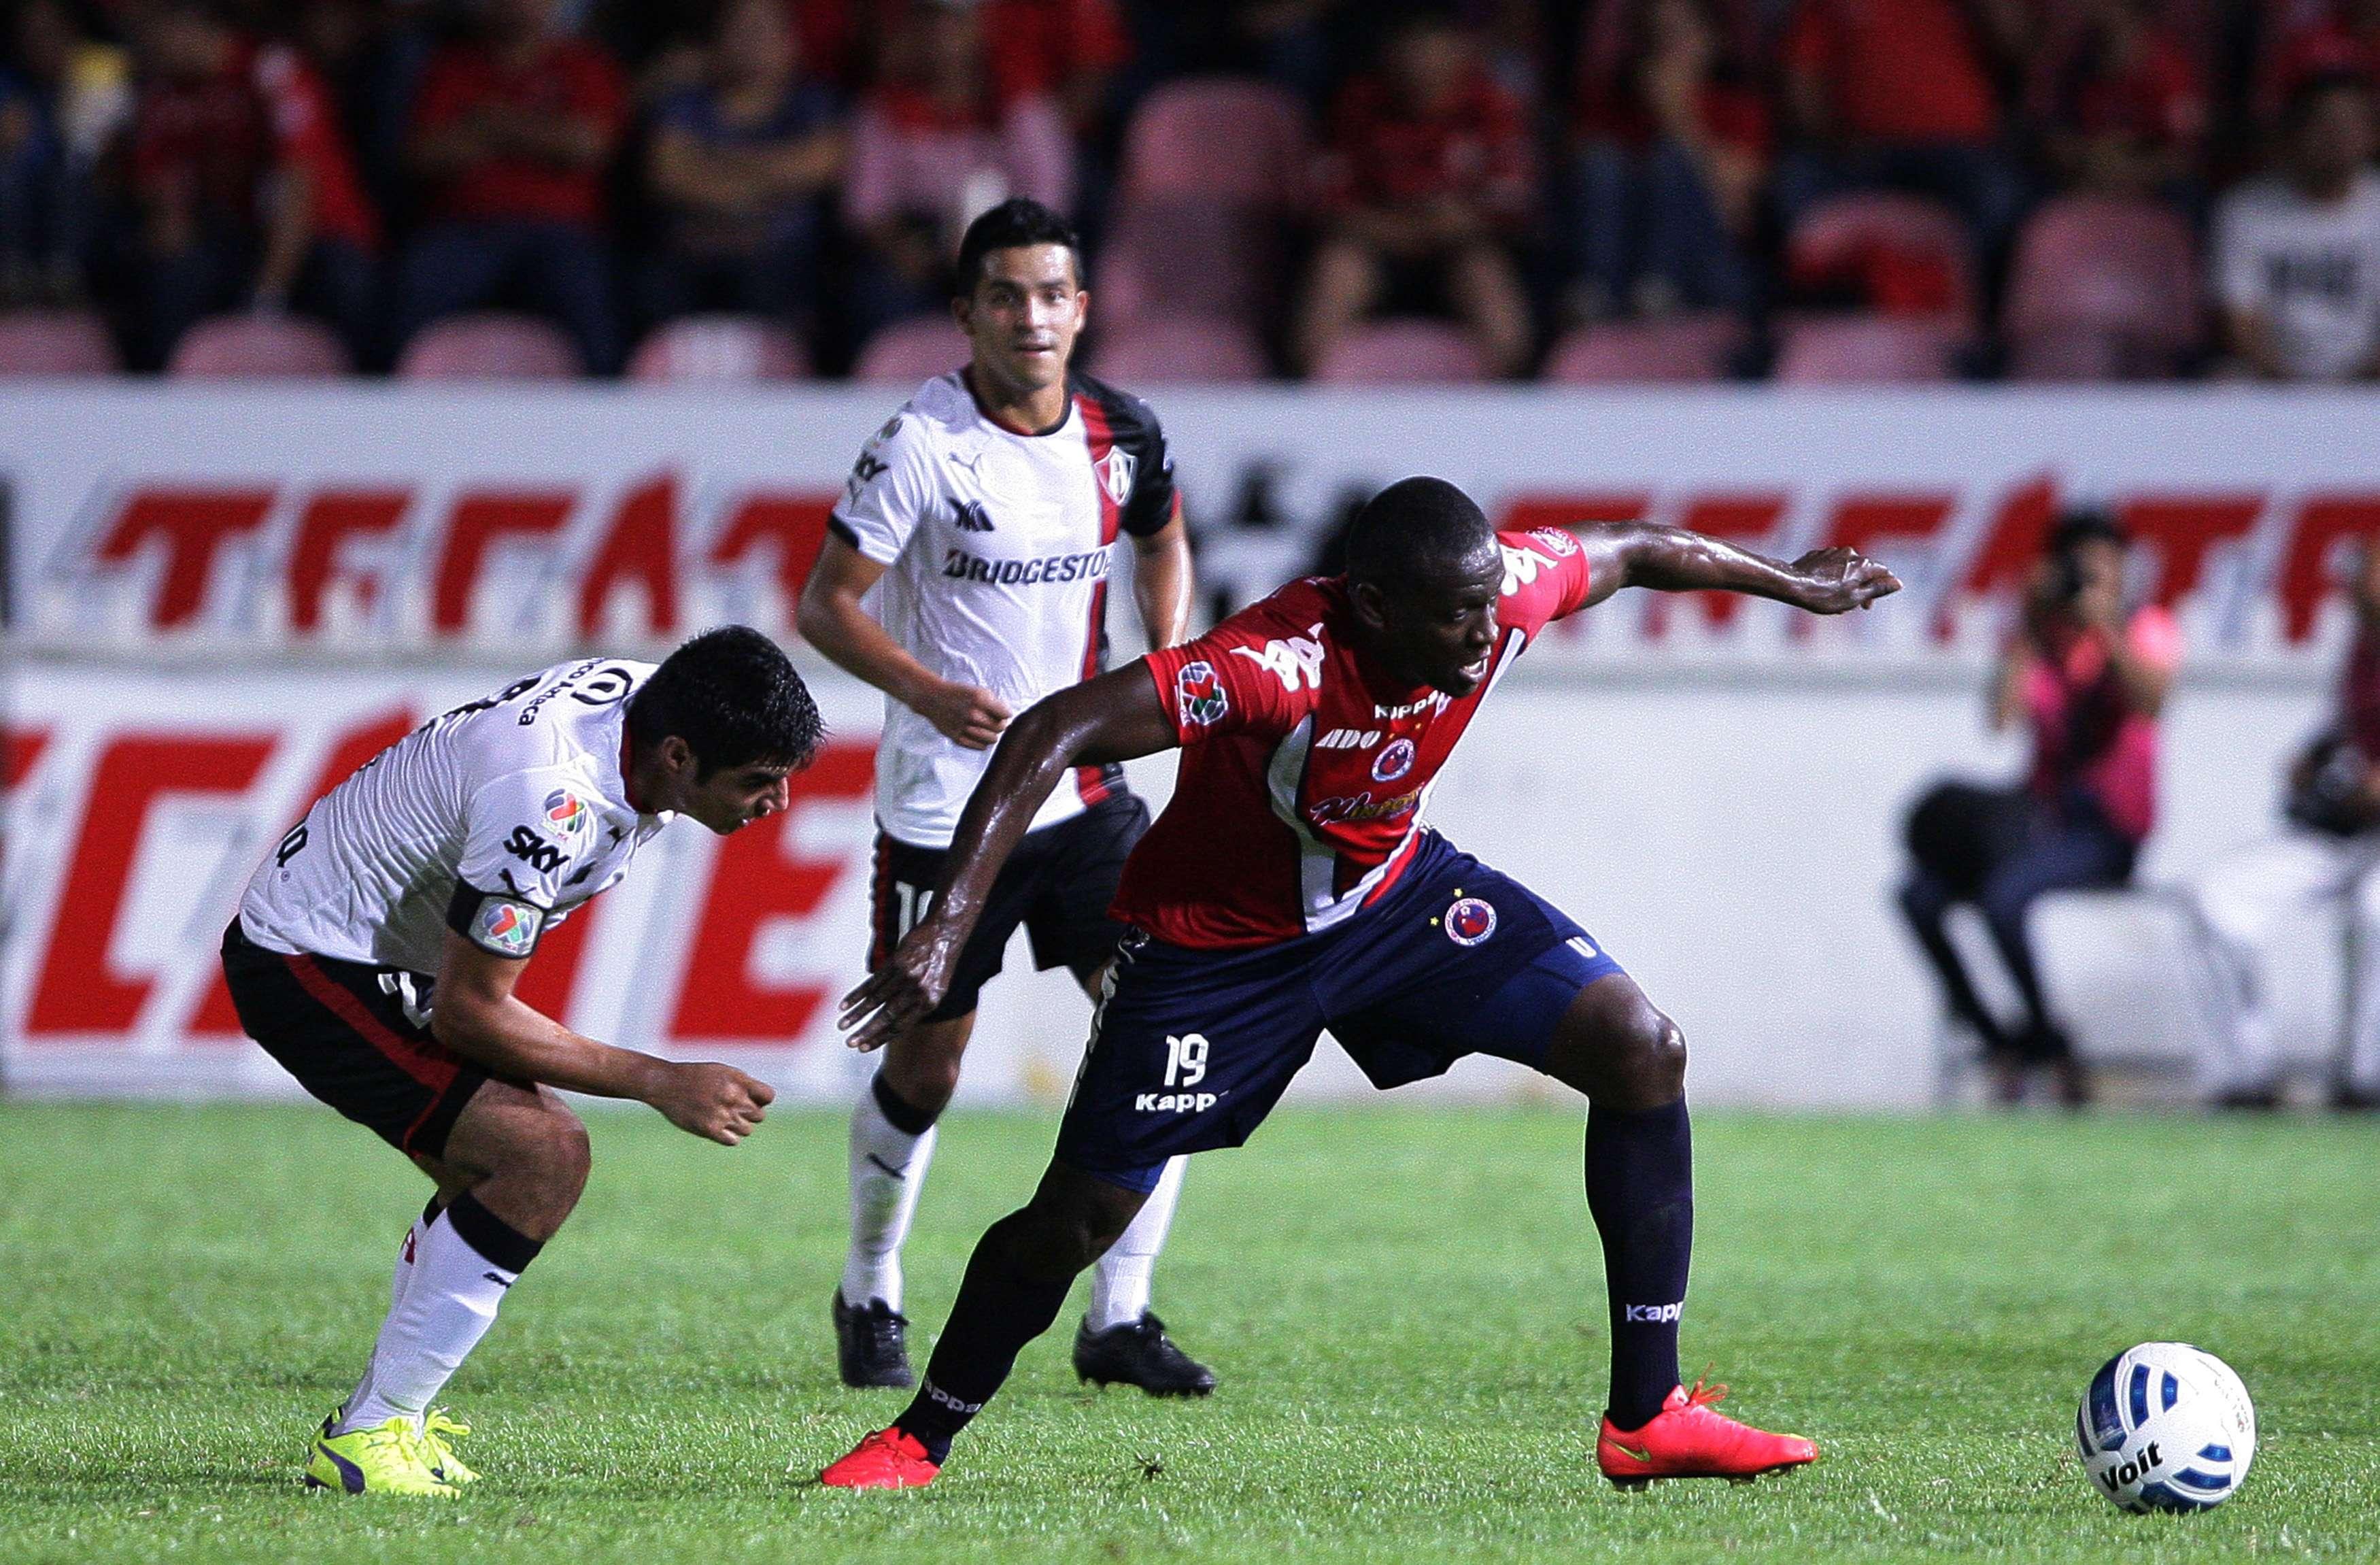 """Veracruz y Atlas empataron a un gol en el encuentro celebrado en la cancha del Luis """"Pirata"""" Fuente en la jornada 8 del Apertura 2014. Foto: Mexsport"""